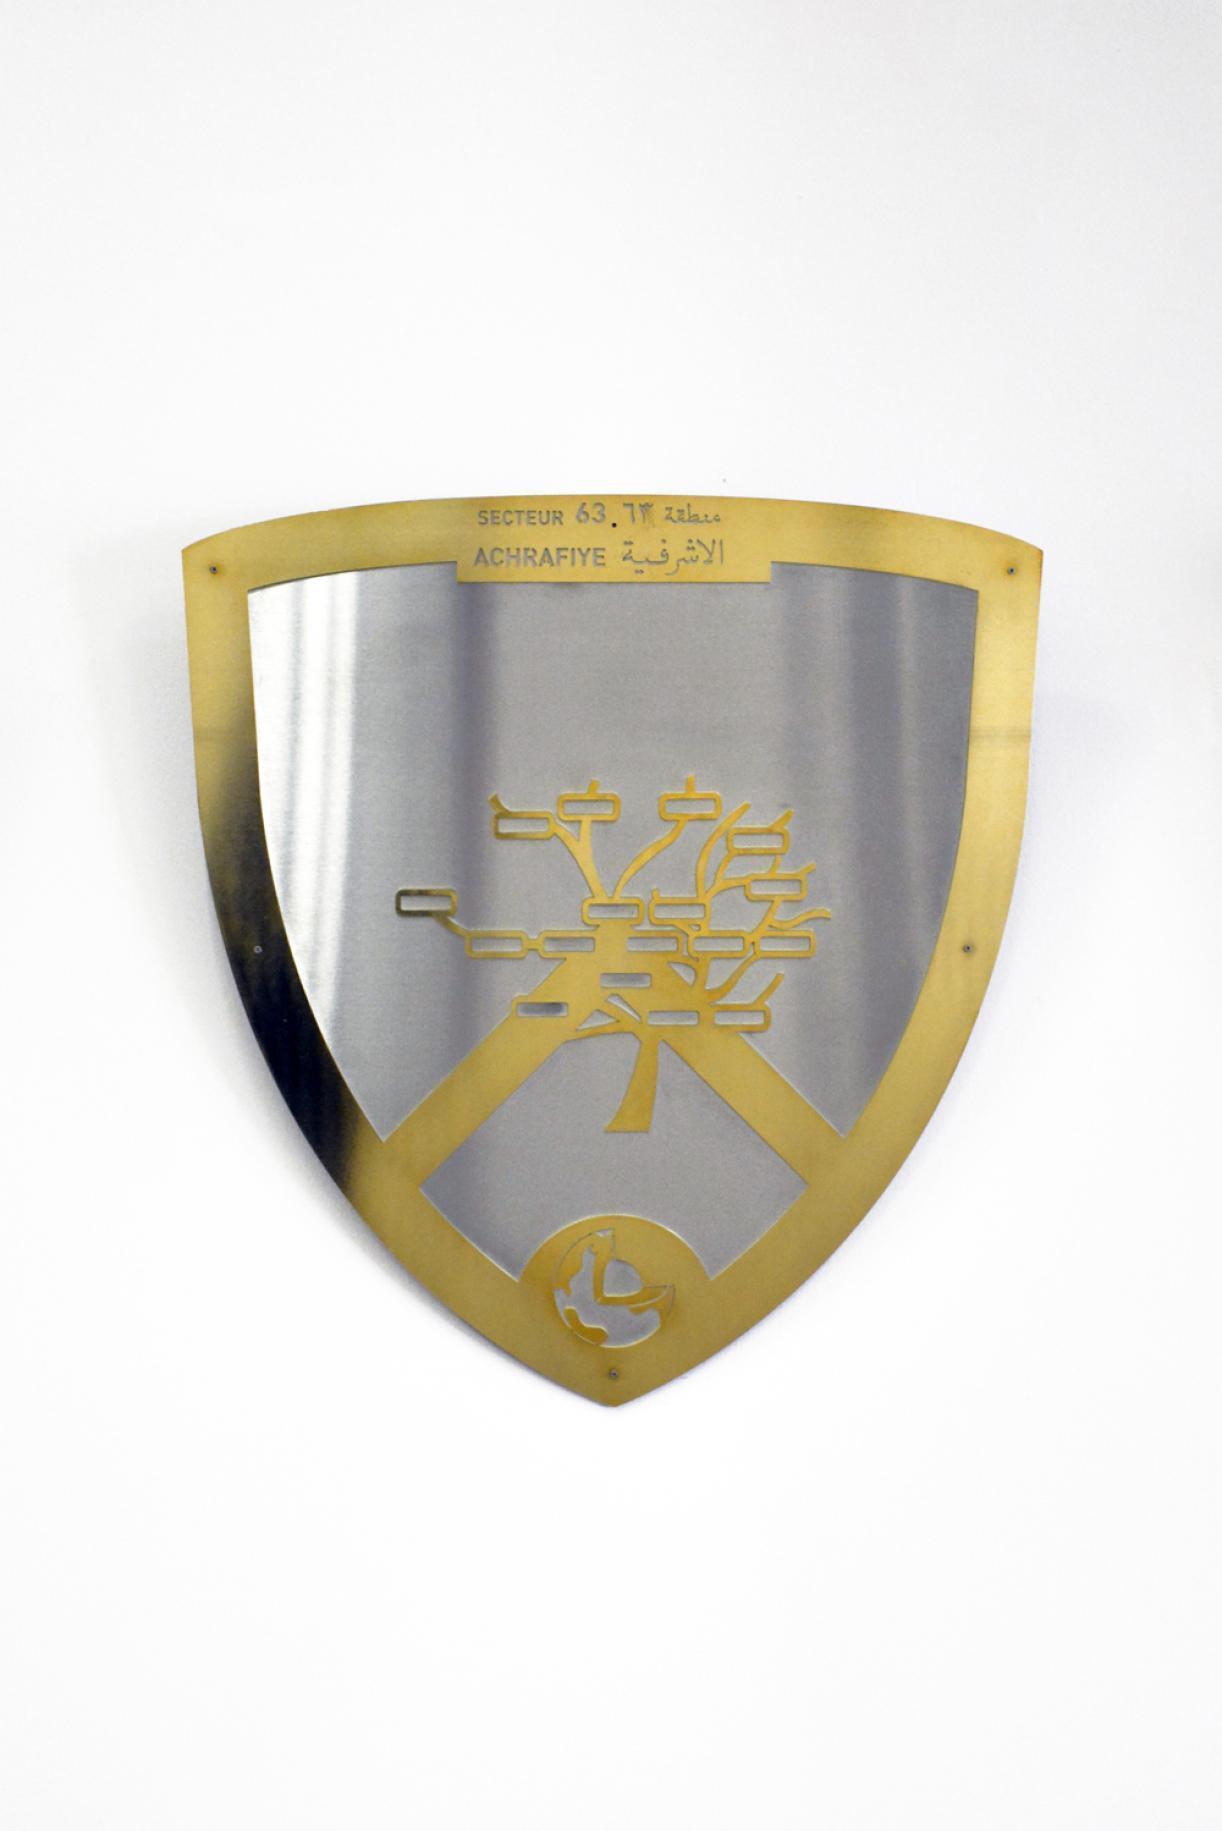 Blazon: Achrafiye, 2015, Laser cut Brass on Stainless Steel, 58 x 55 cm, Ed. 3 + 2 AP